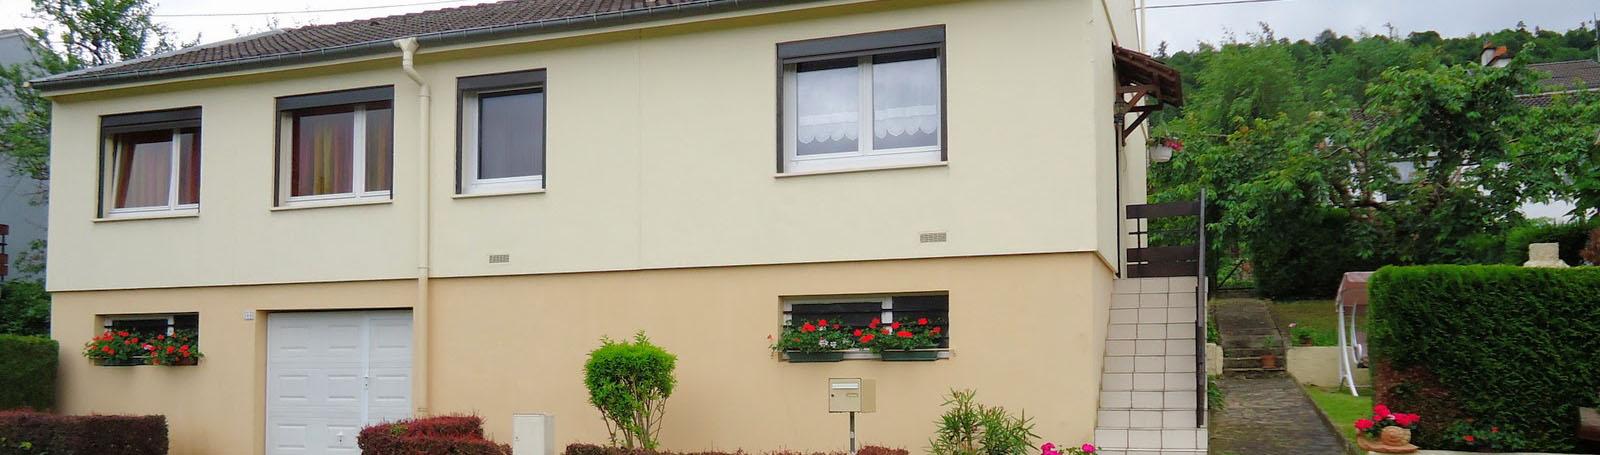 Maison sur grand sous-sol complet à Frouard